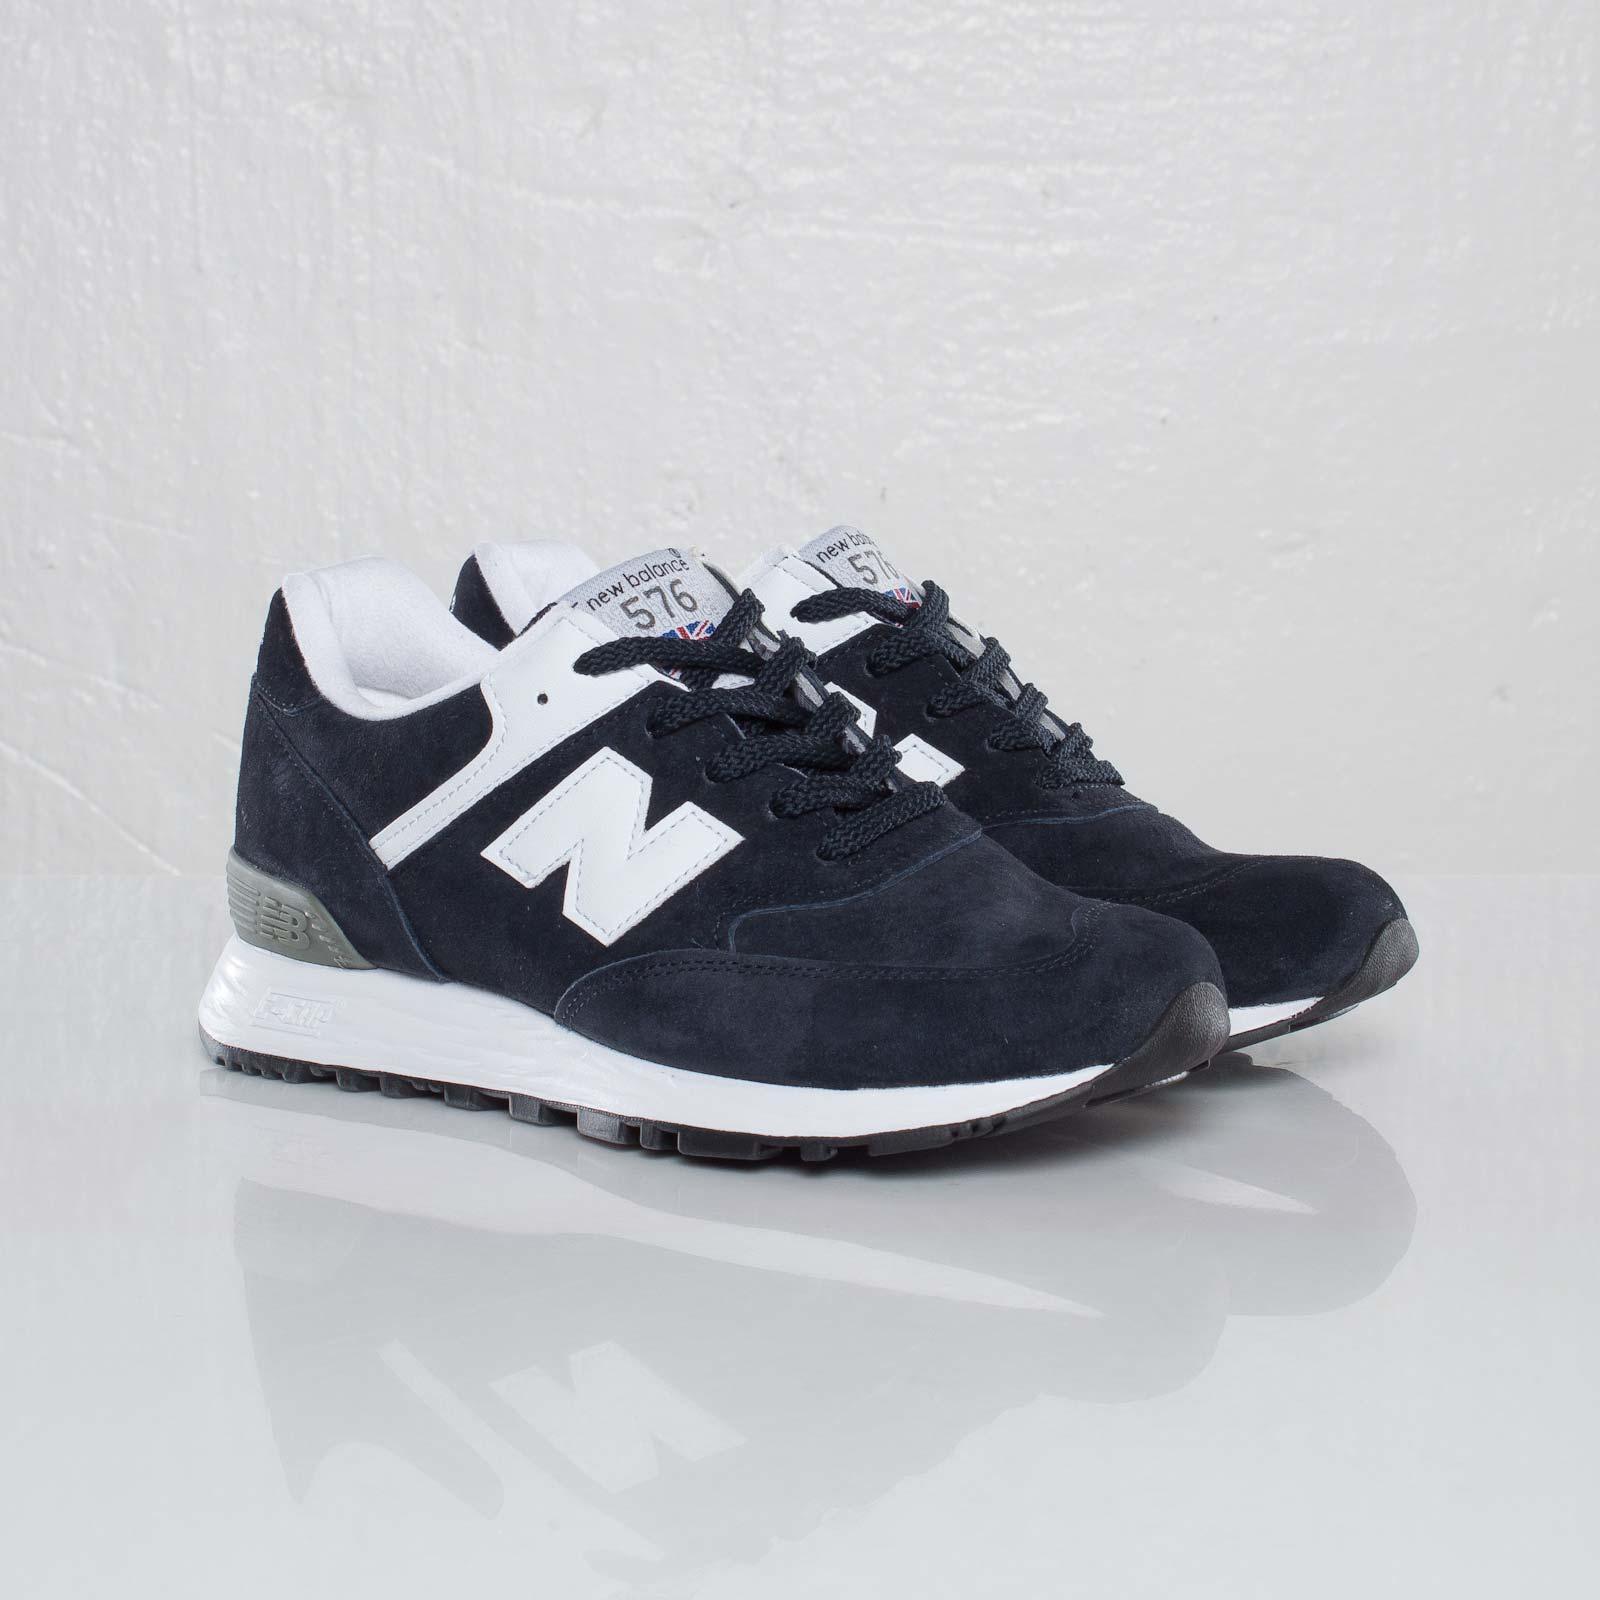 New Balance W576 - 110923 - Sneakersnstuff | sneakers & streetwear ...